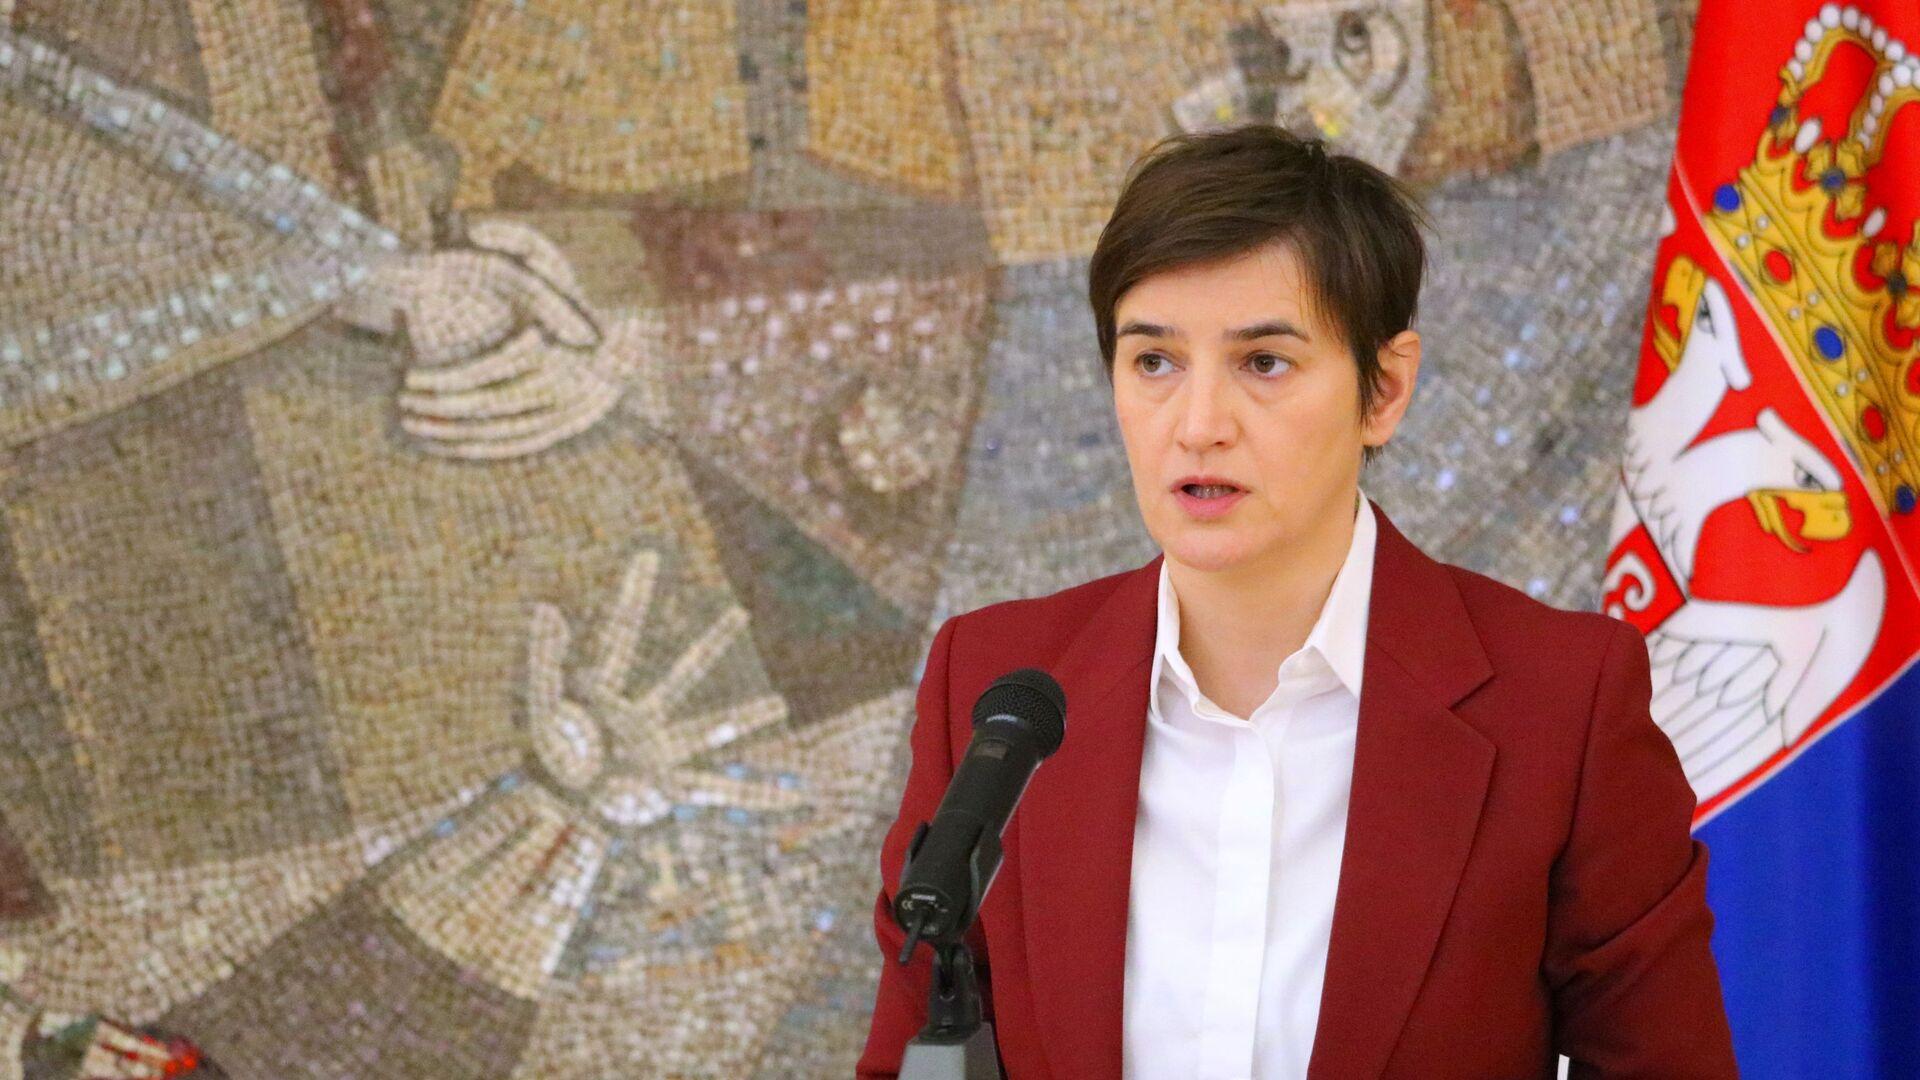 Ана Брнабић - Sputnik Србија, 1920, 27.09.2021